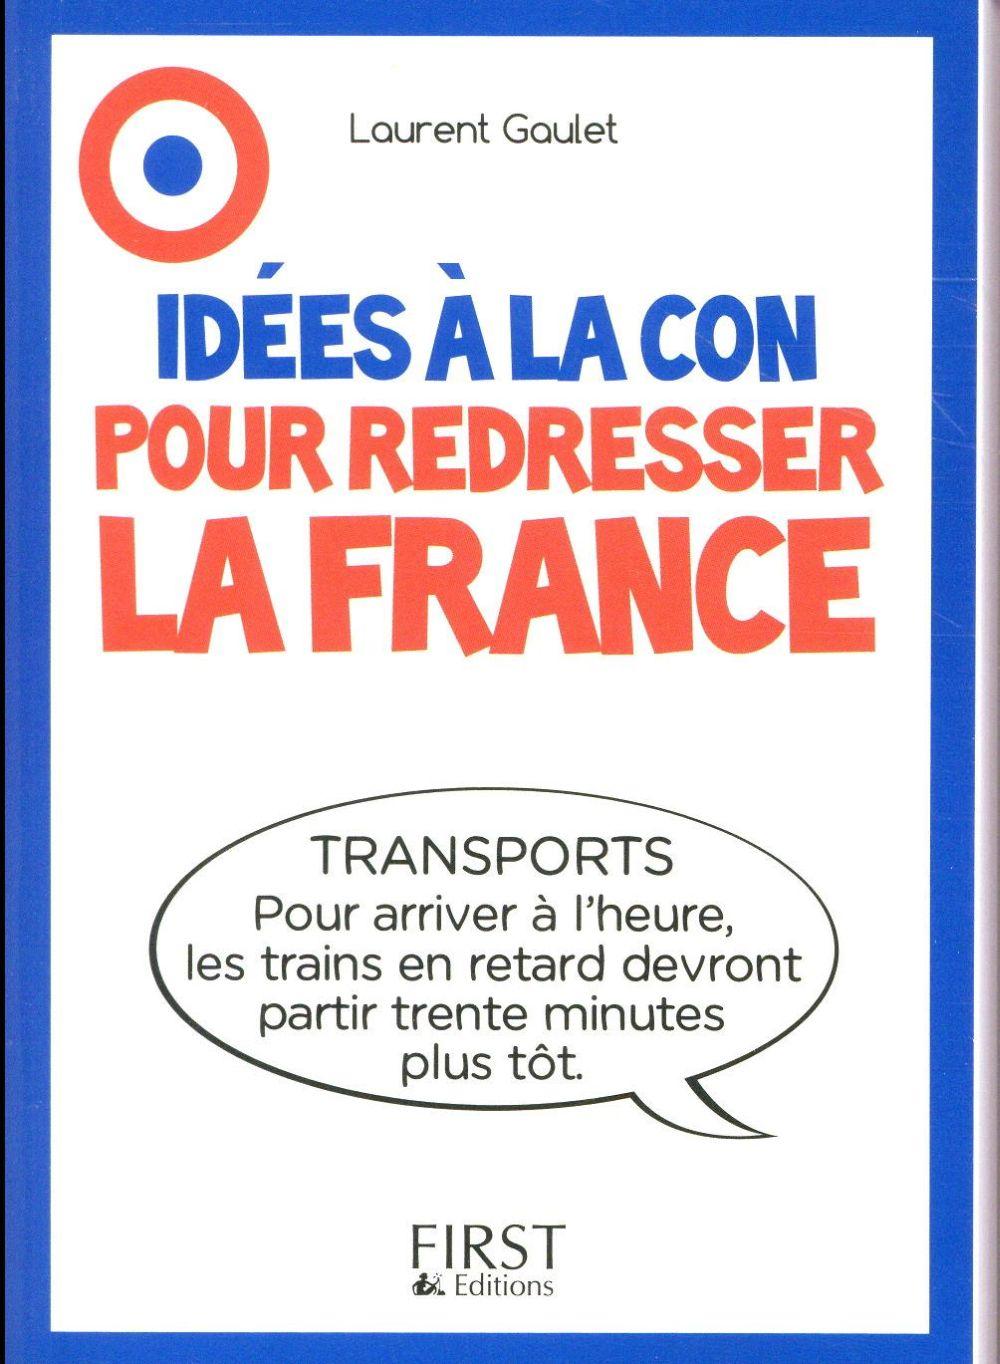 IDEES A LA CON POUR REDRESSER LA FRANCE Gaulet Laurent First Editions